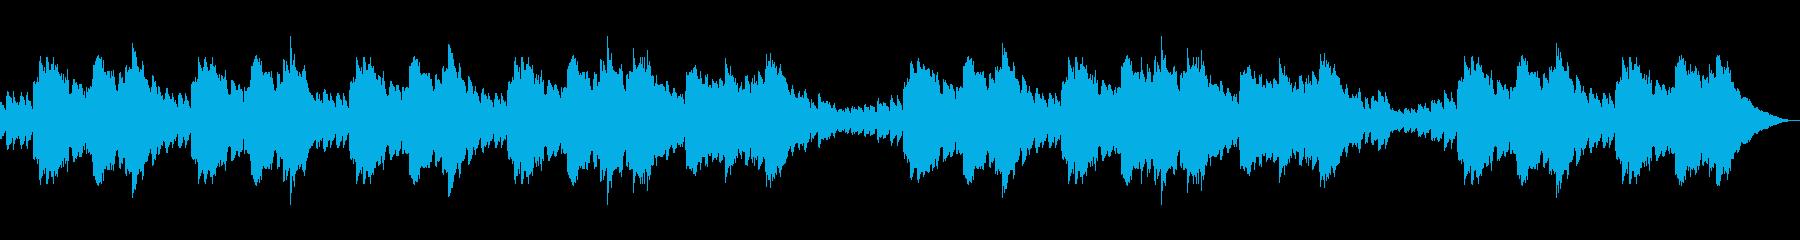 エリーゼのためにの再生済みの波形